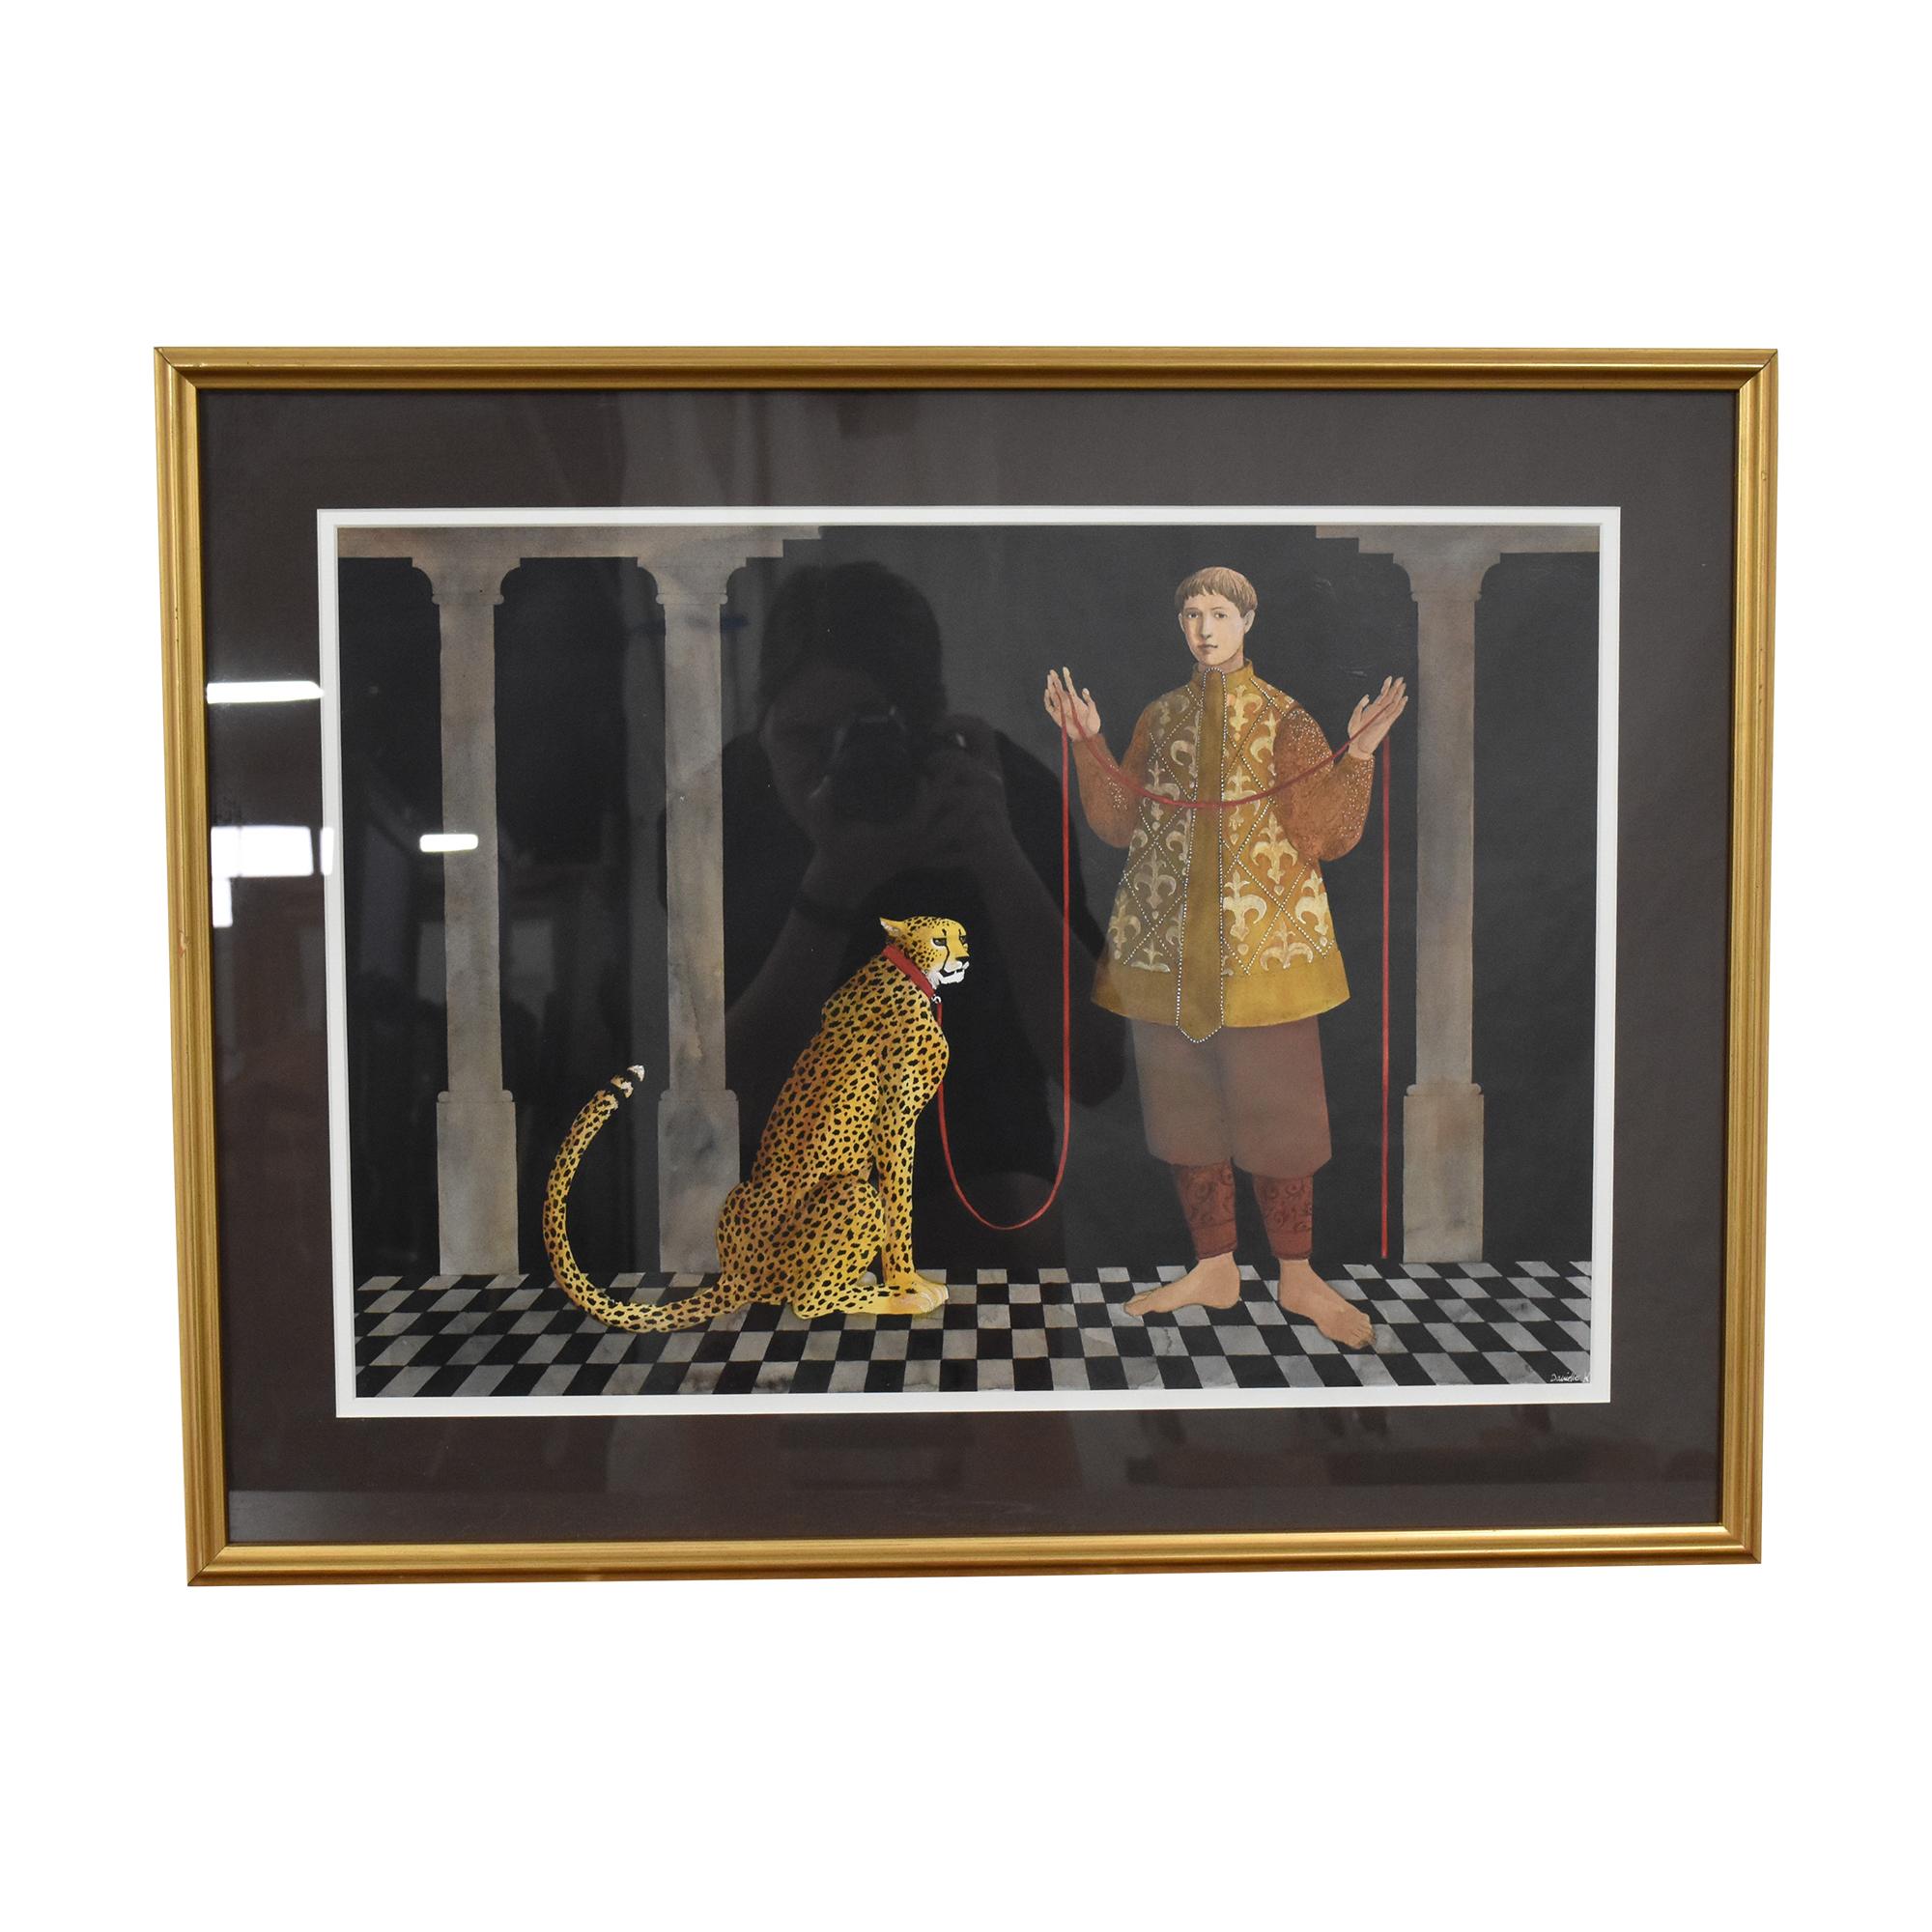 Cheetah Framed Wall Art Decor